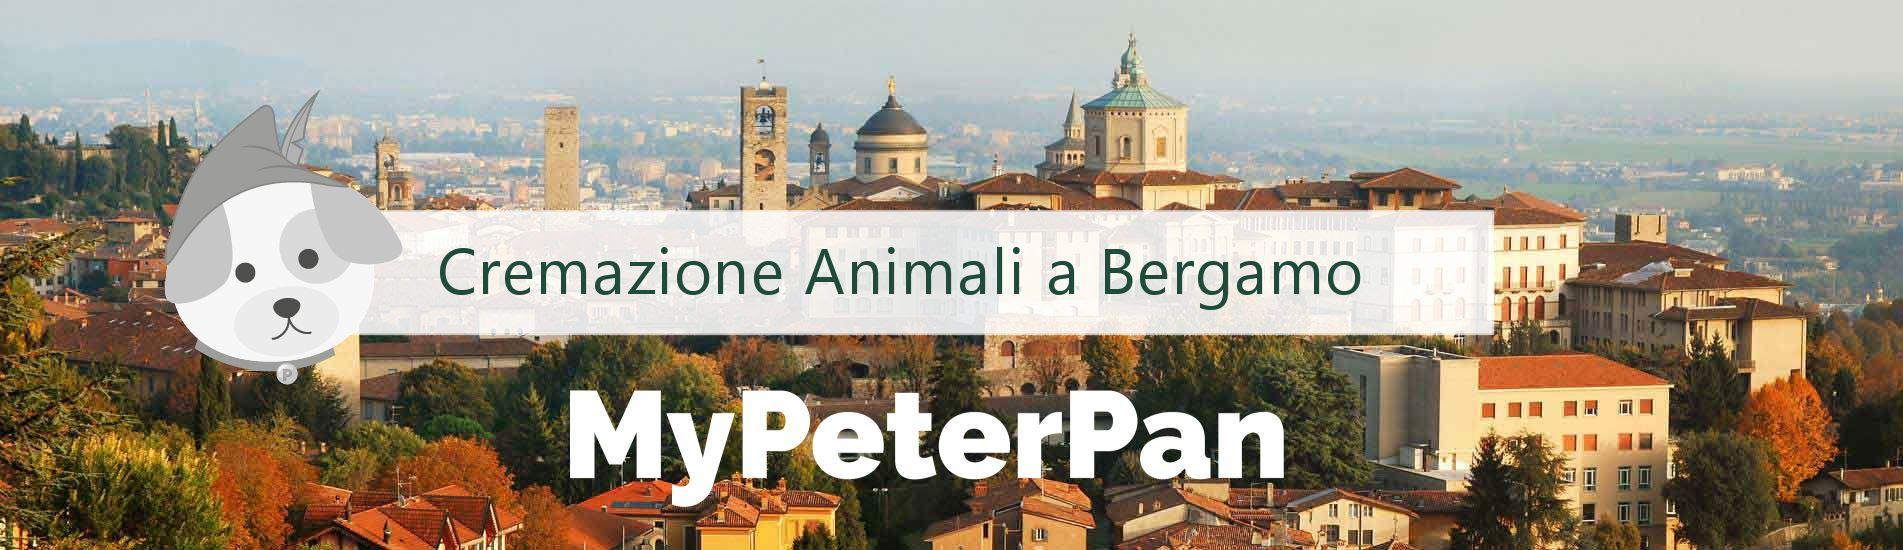 Cremazione animali Bergamo - MyPeterPan